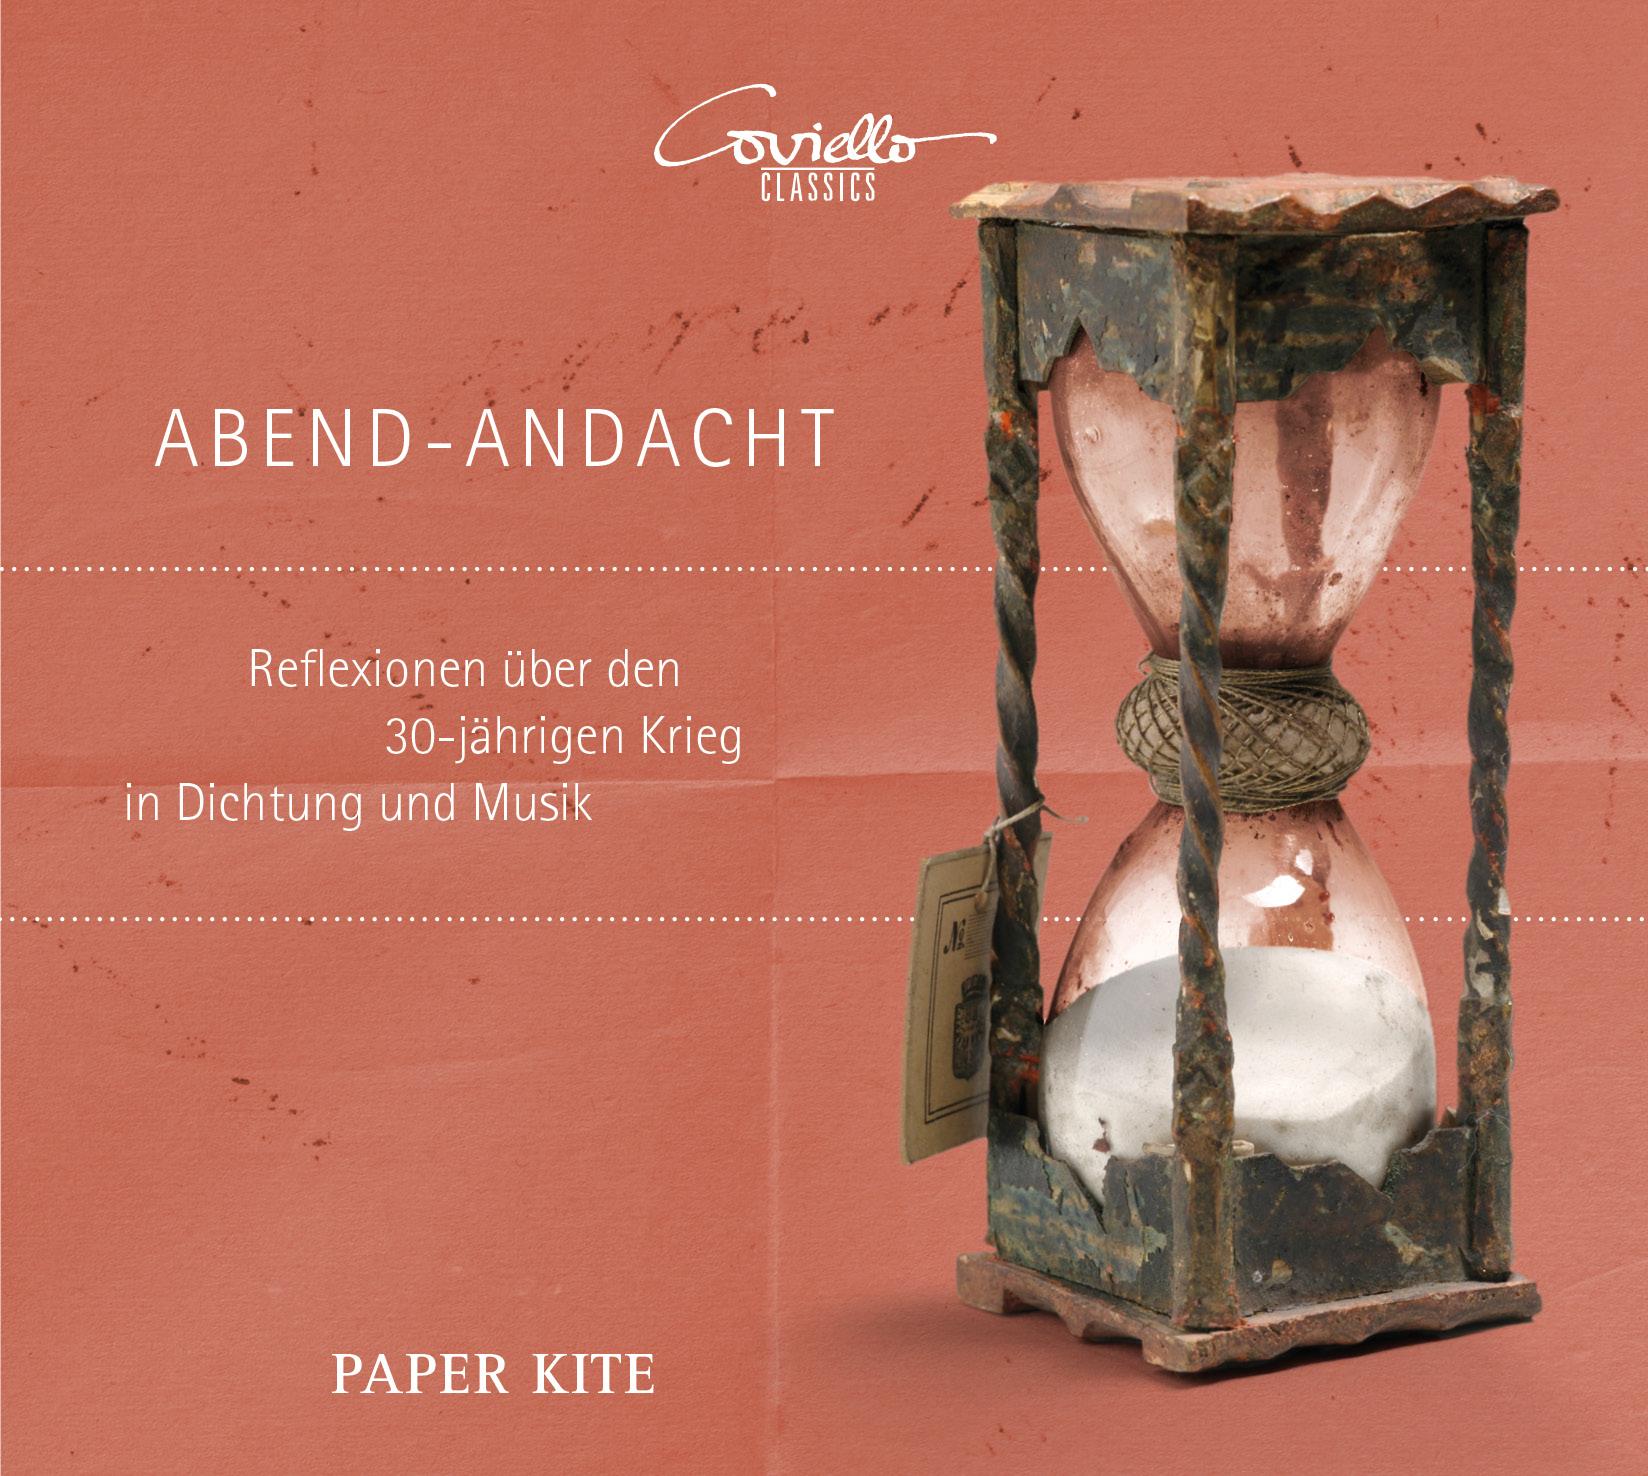 Paper Kite CD Cover